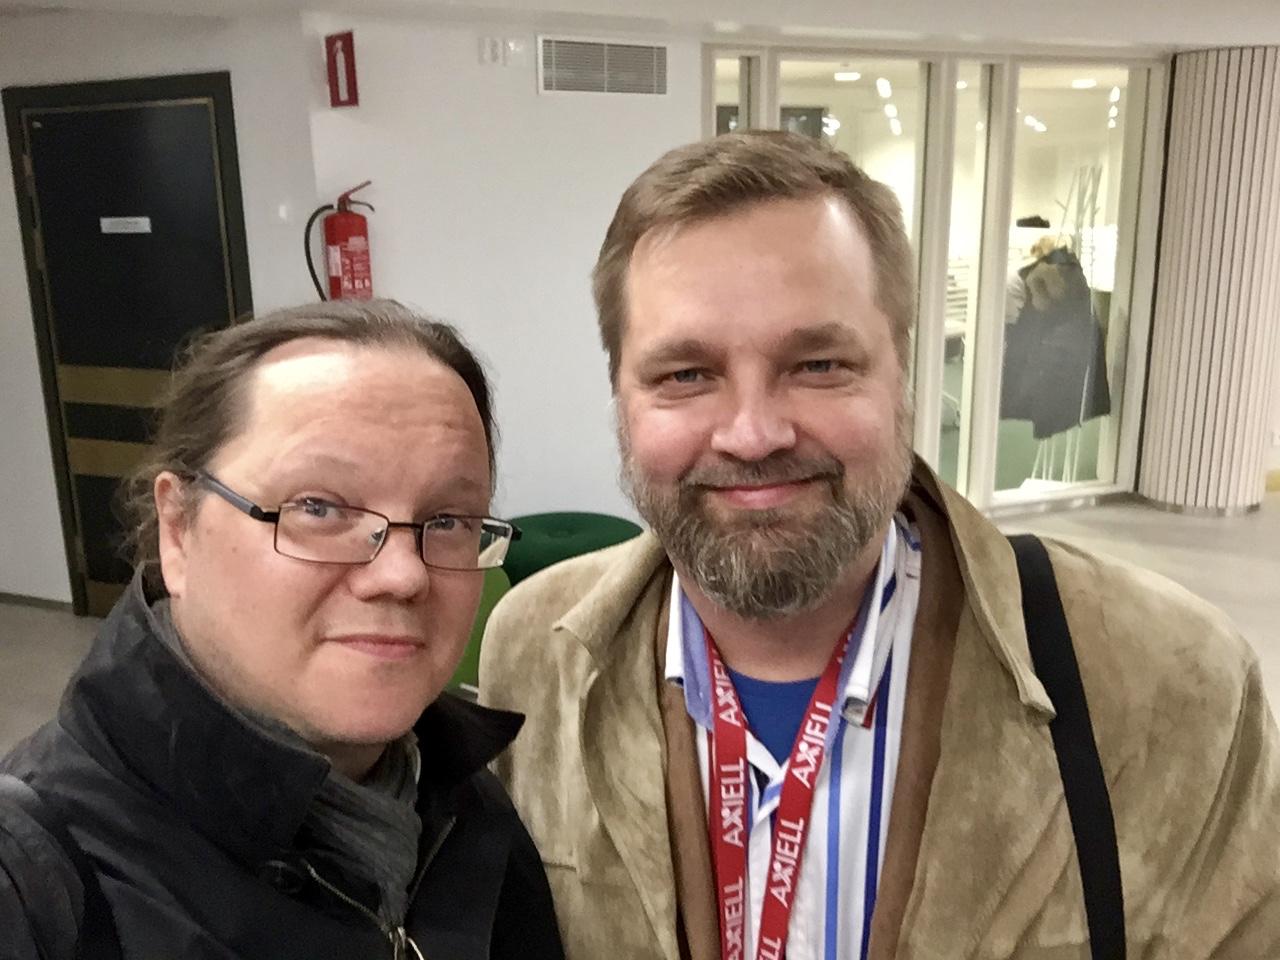 Yhdistyksen puheenjohtaja Tuomas Pelttari (vas.) ja Axiell Finlandin edustaja Esa Peltonen ovat tyytyväisiä koulutuspäivän antiin.